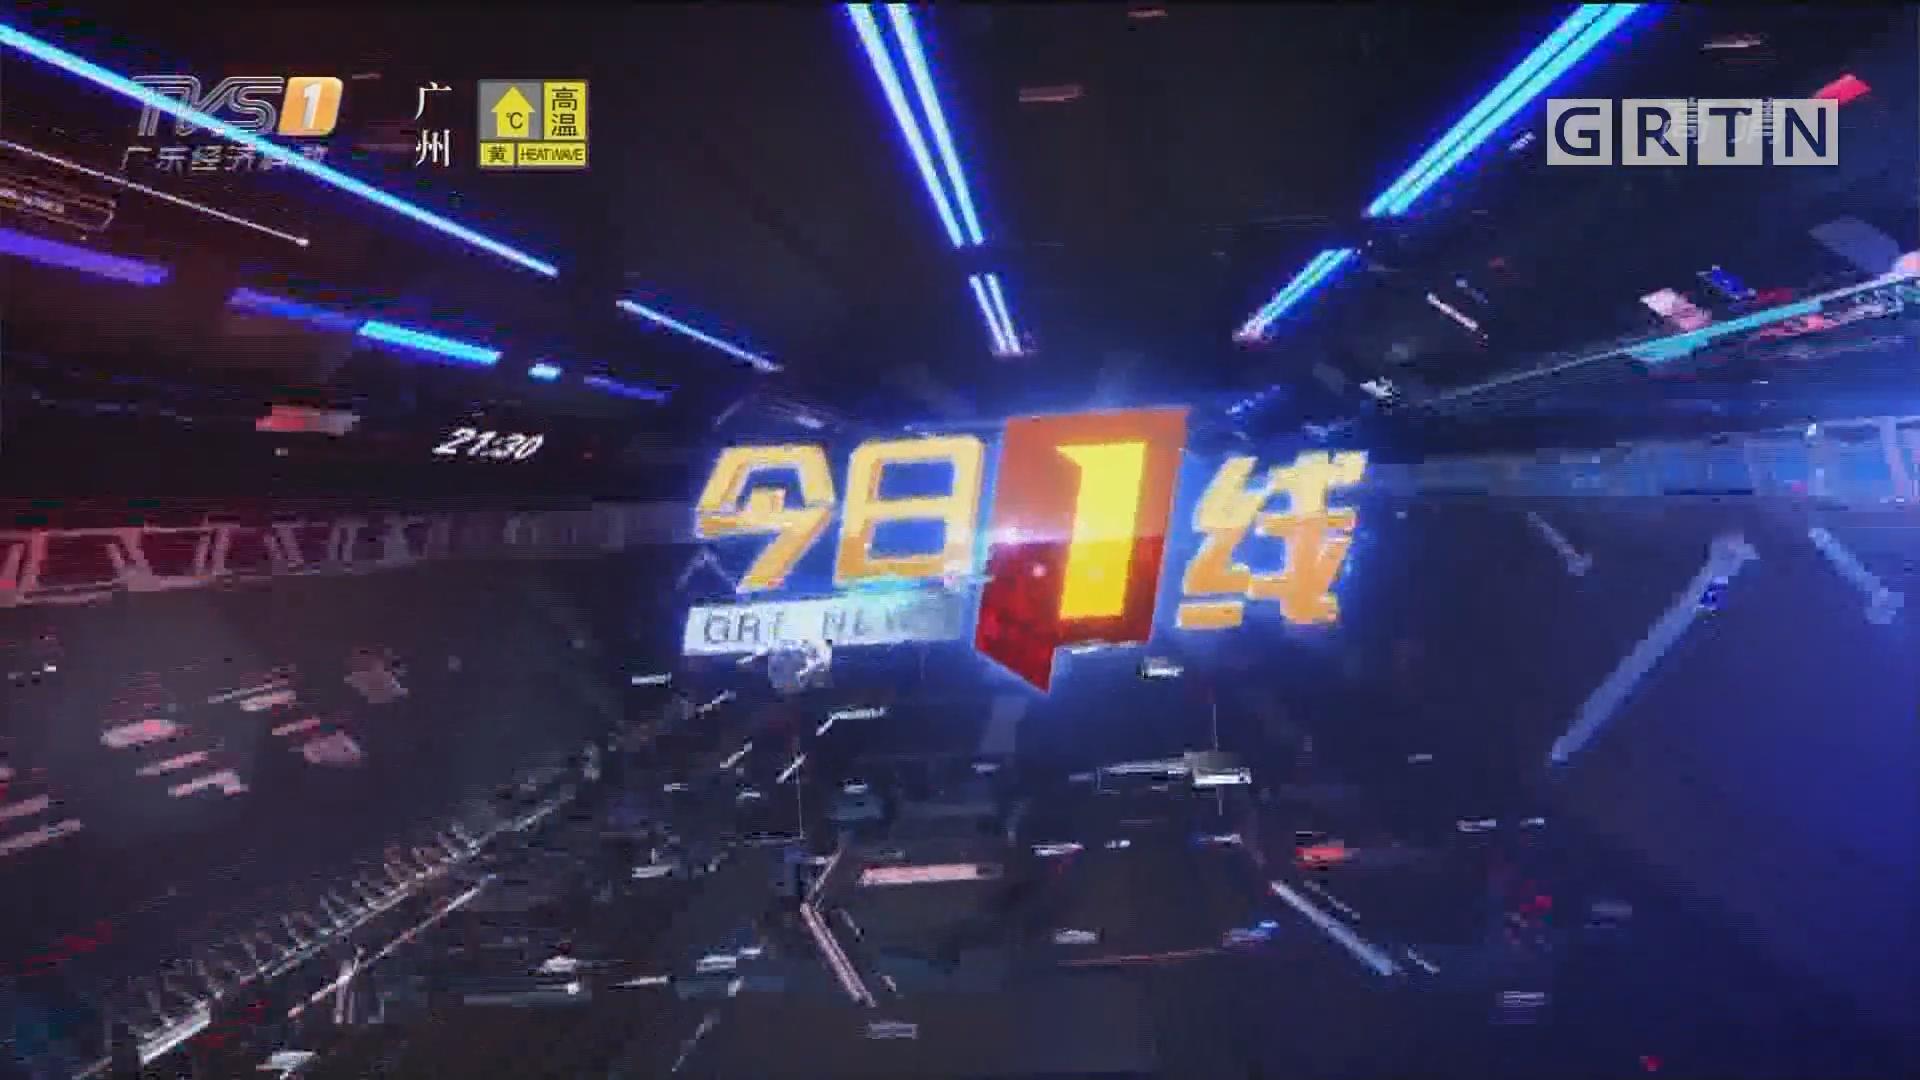 [HD][2019-08-22]今日一线:广州黄埔:五金城深夜火烧连营 多间商铺损失惨重